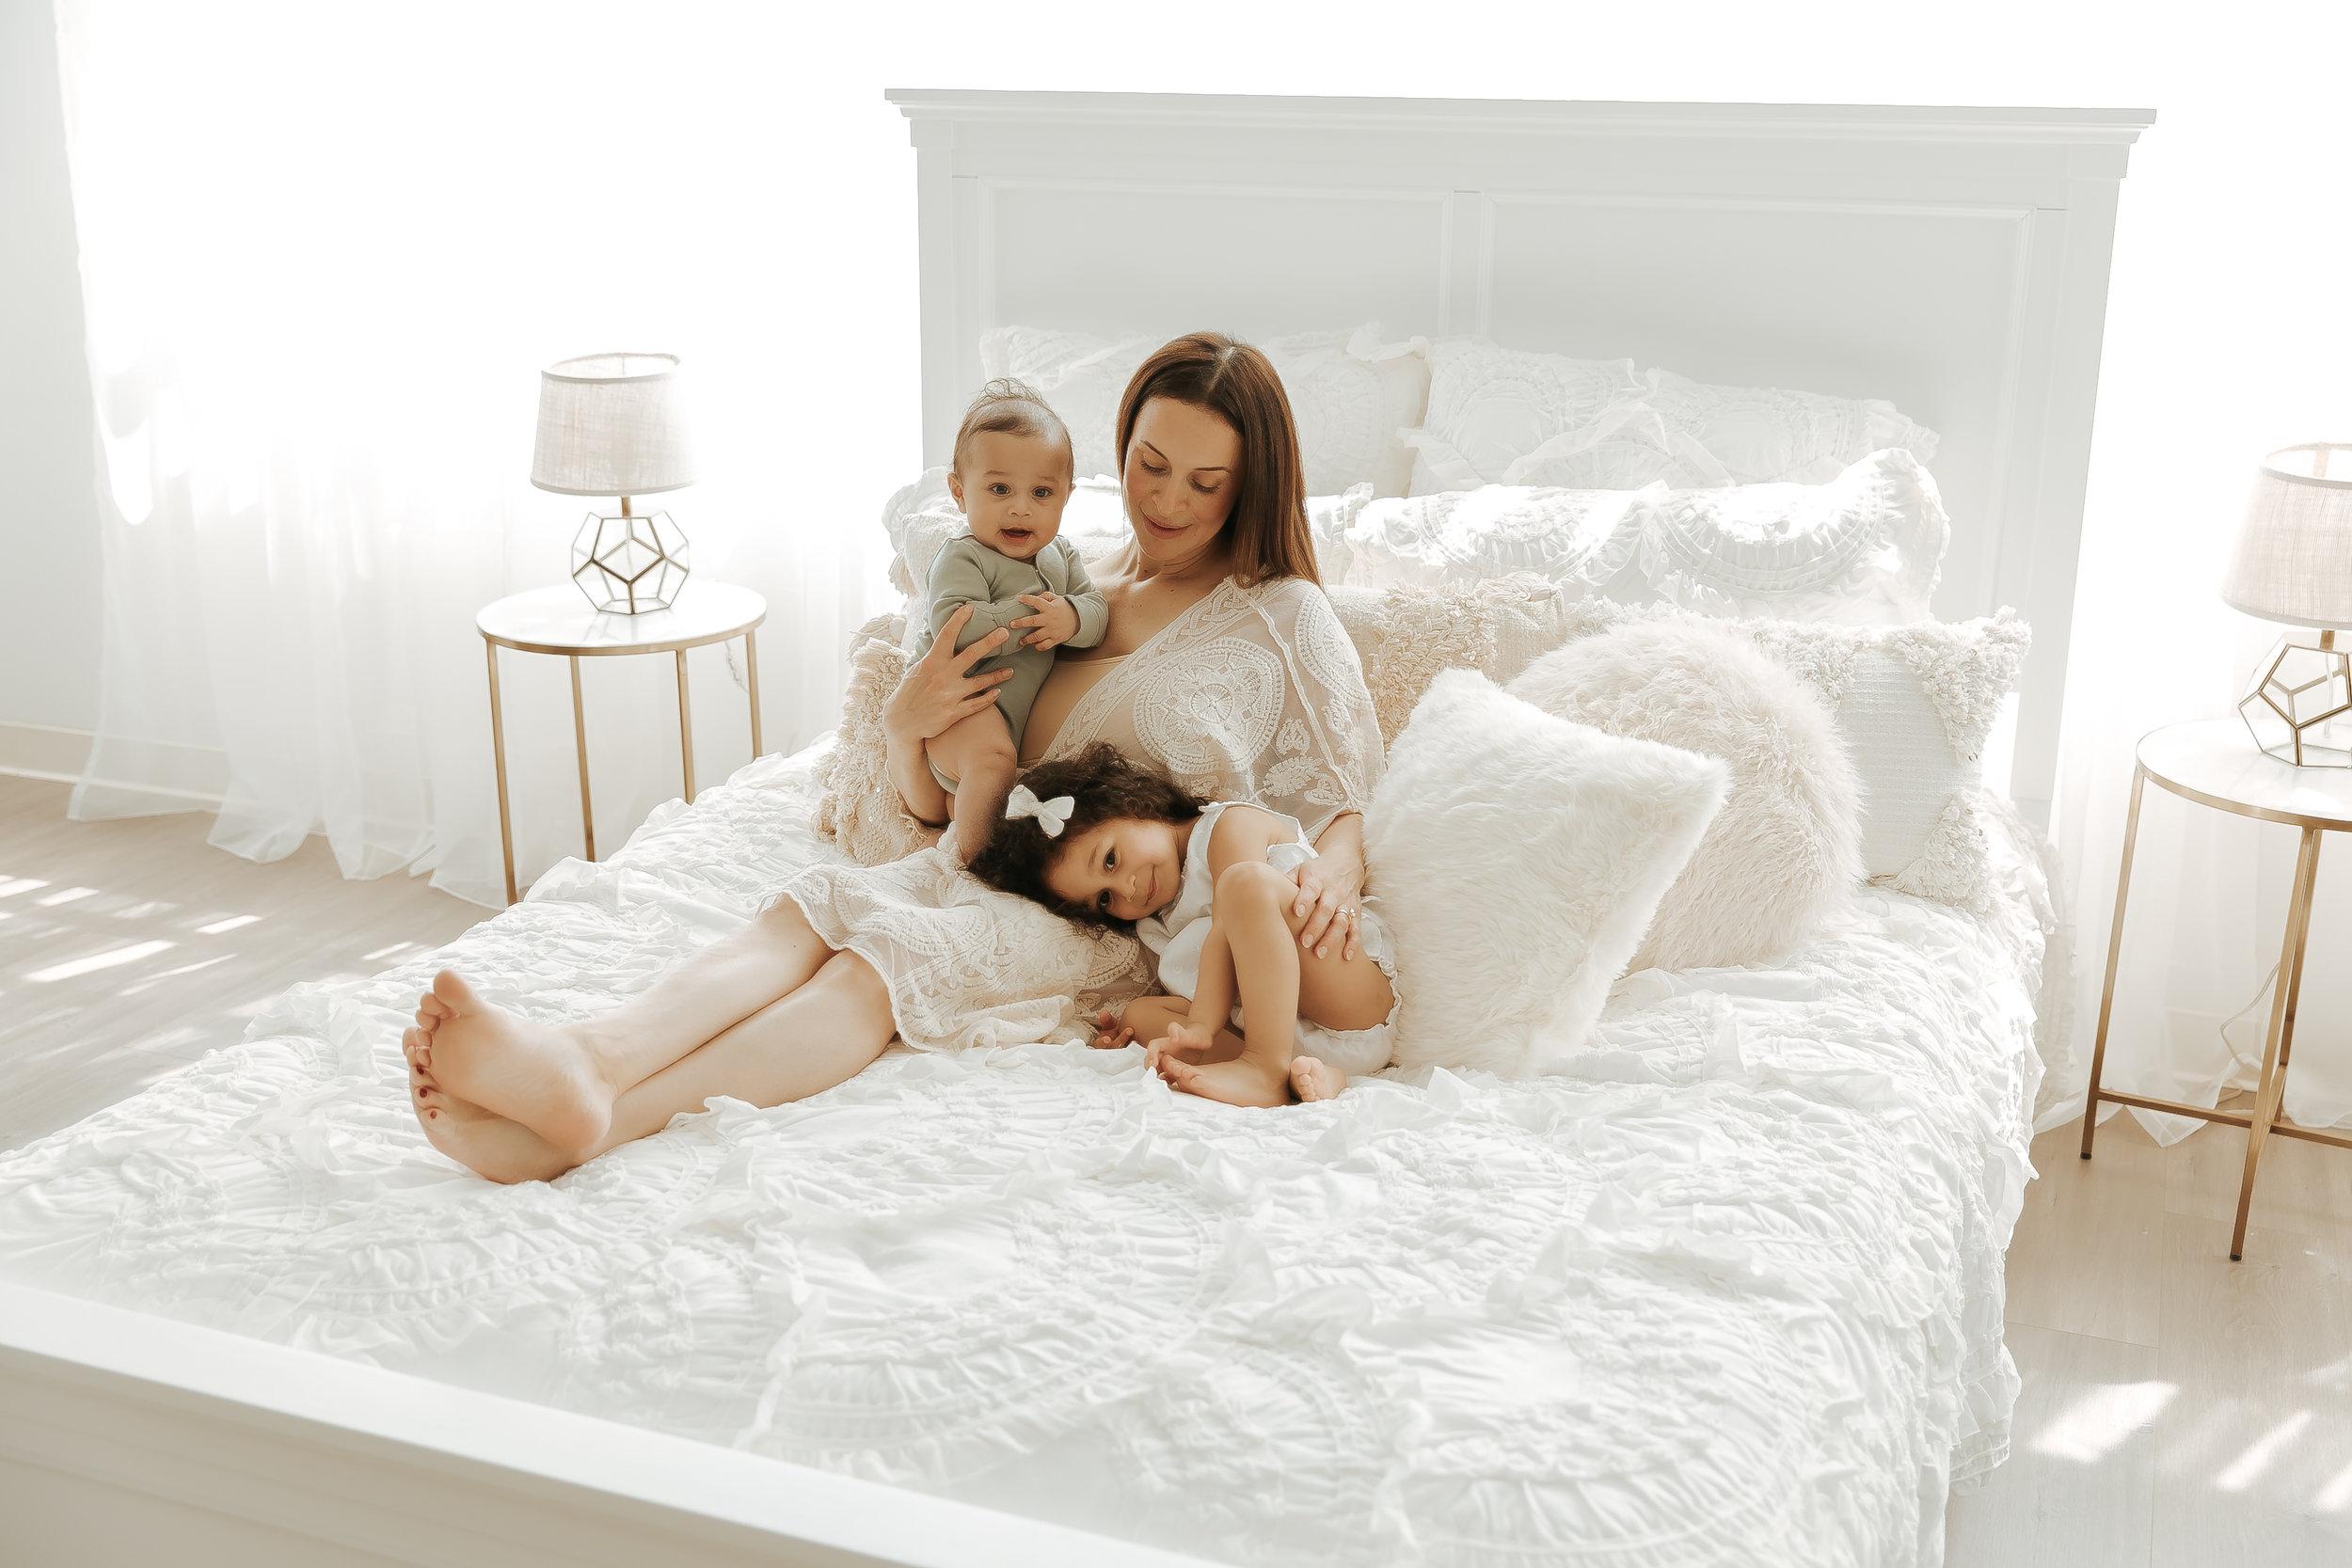 MotherhoodMiniSession2014-Edit-2.jpg